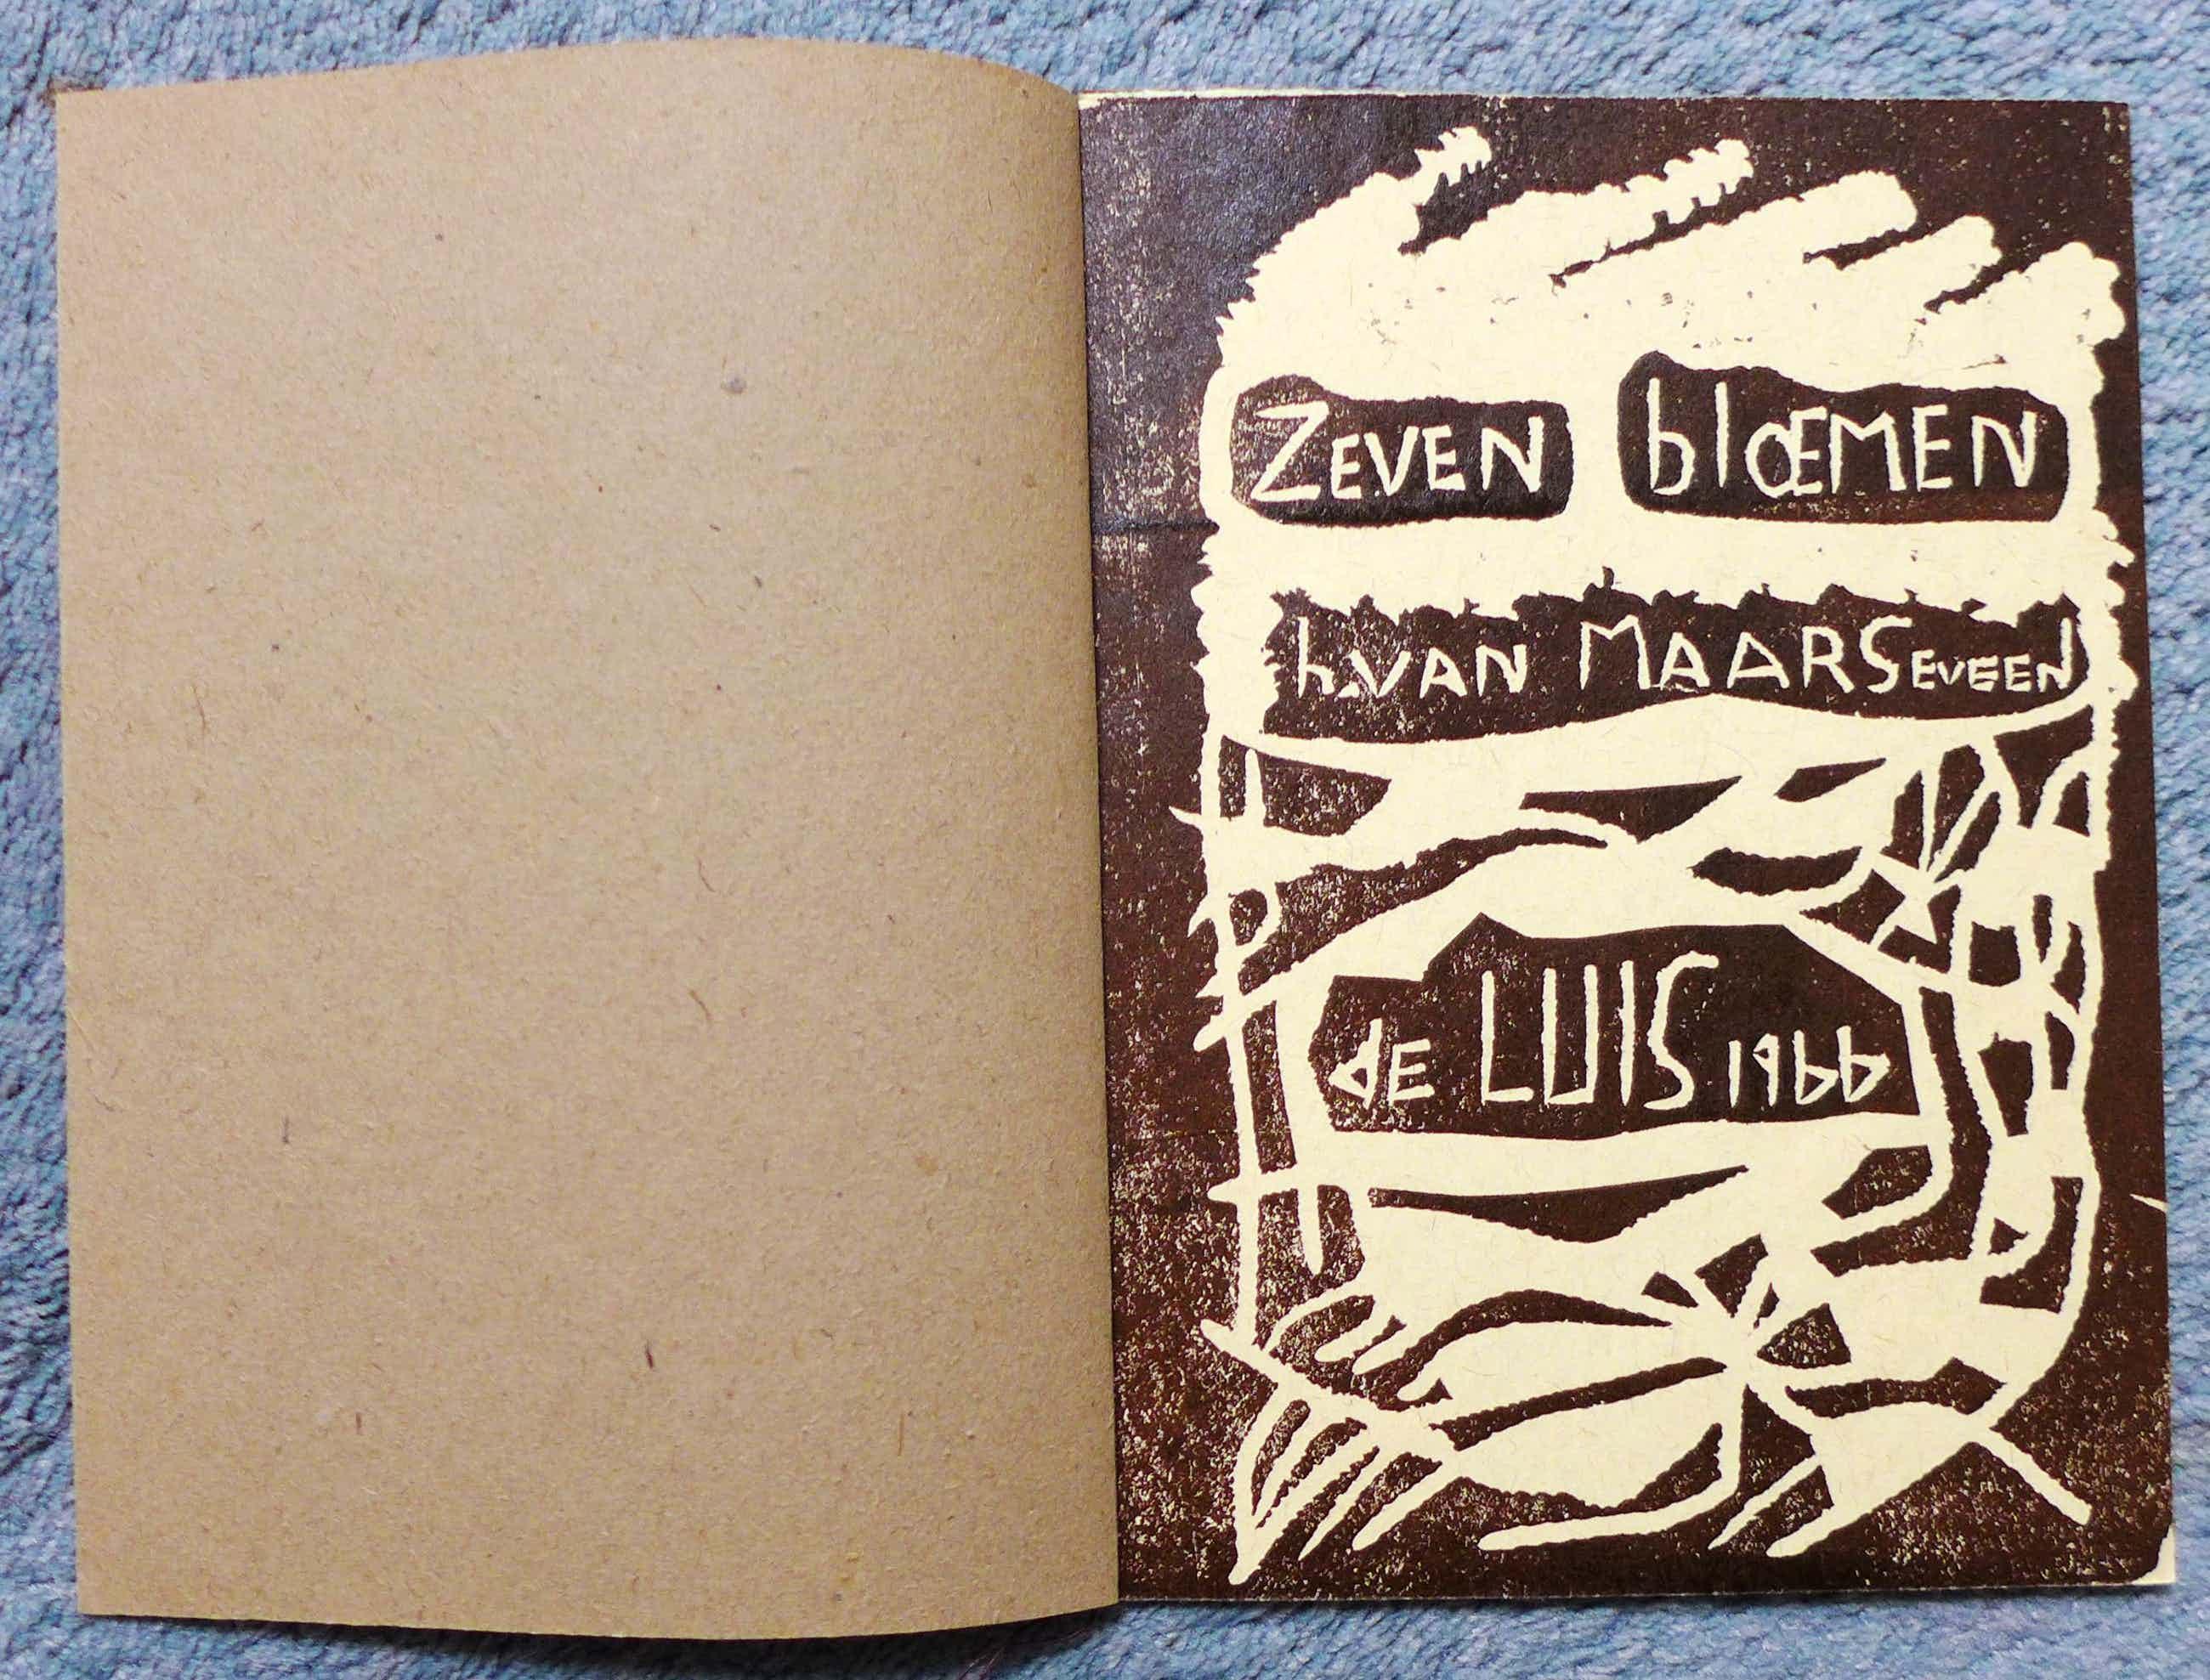 """Henc van Maarseveen - 7 bloemen linosnede uitgave """"de Luis"""" kopen? Bied vanaf 75!"""